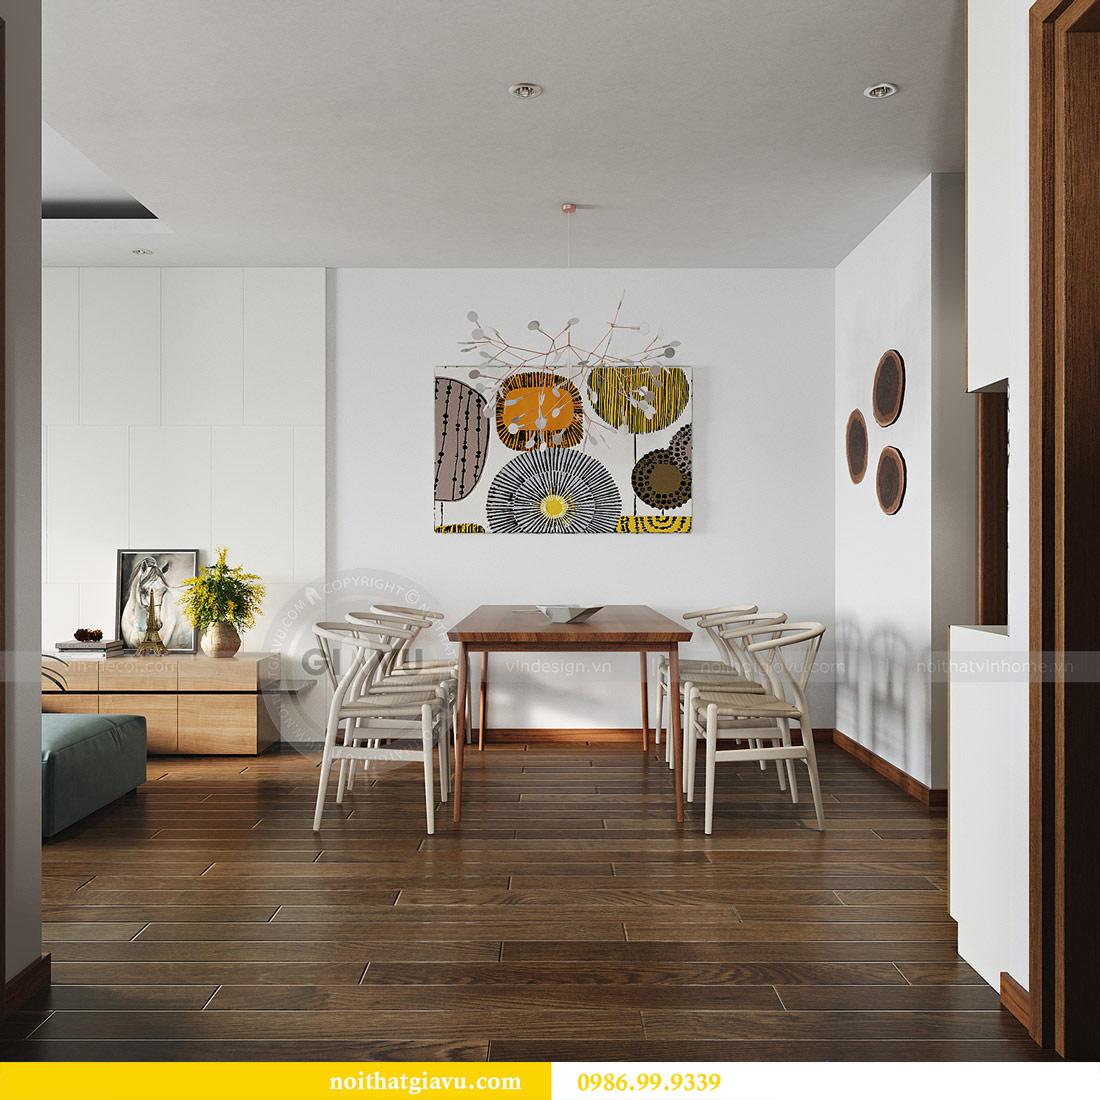 Mẫu thiết kế nội thất chung cư GREEN BAY MỄ TRÌ 6